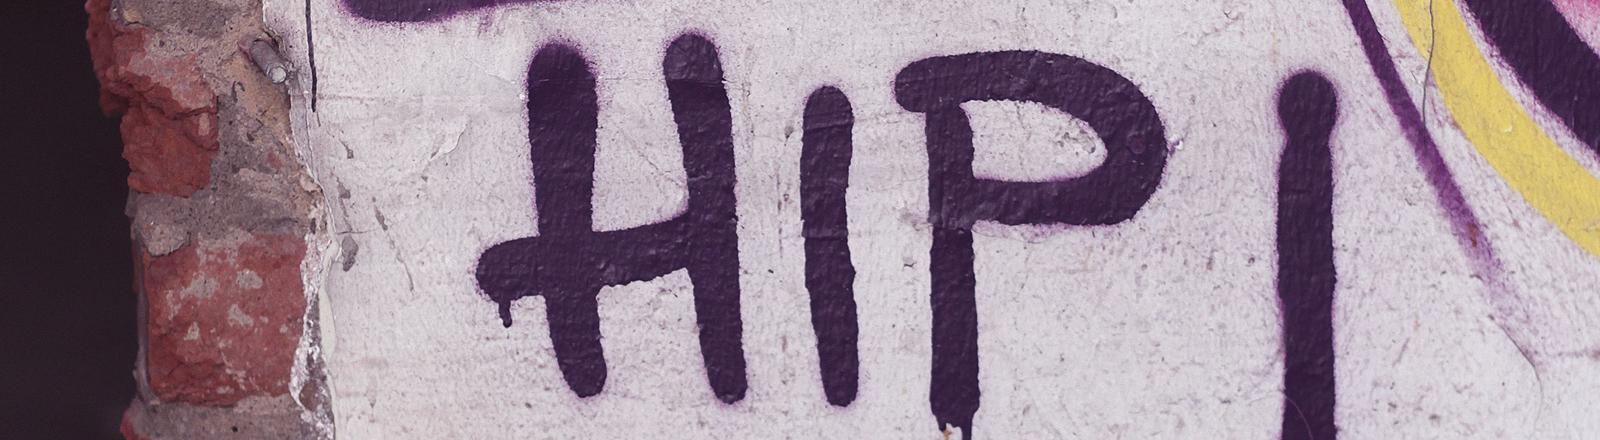 HipHop auf eine Wand gesprüht.